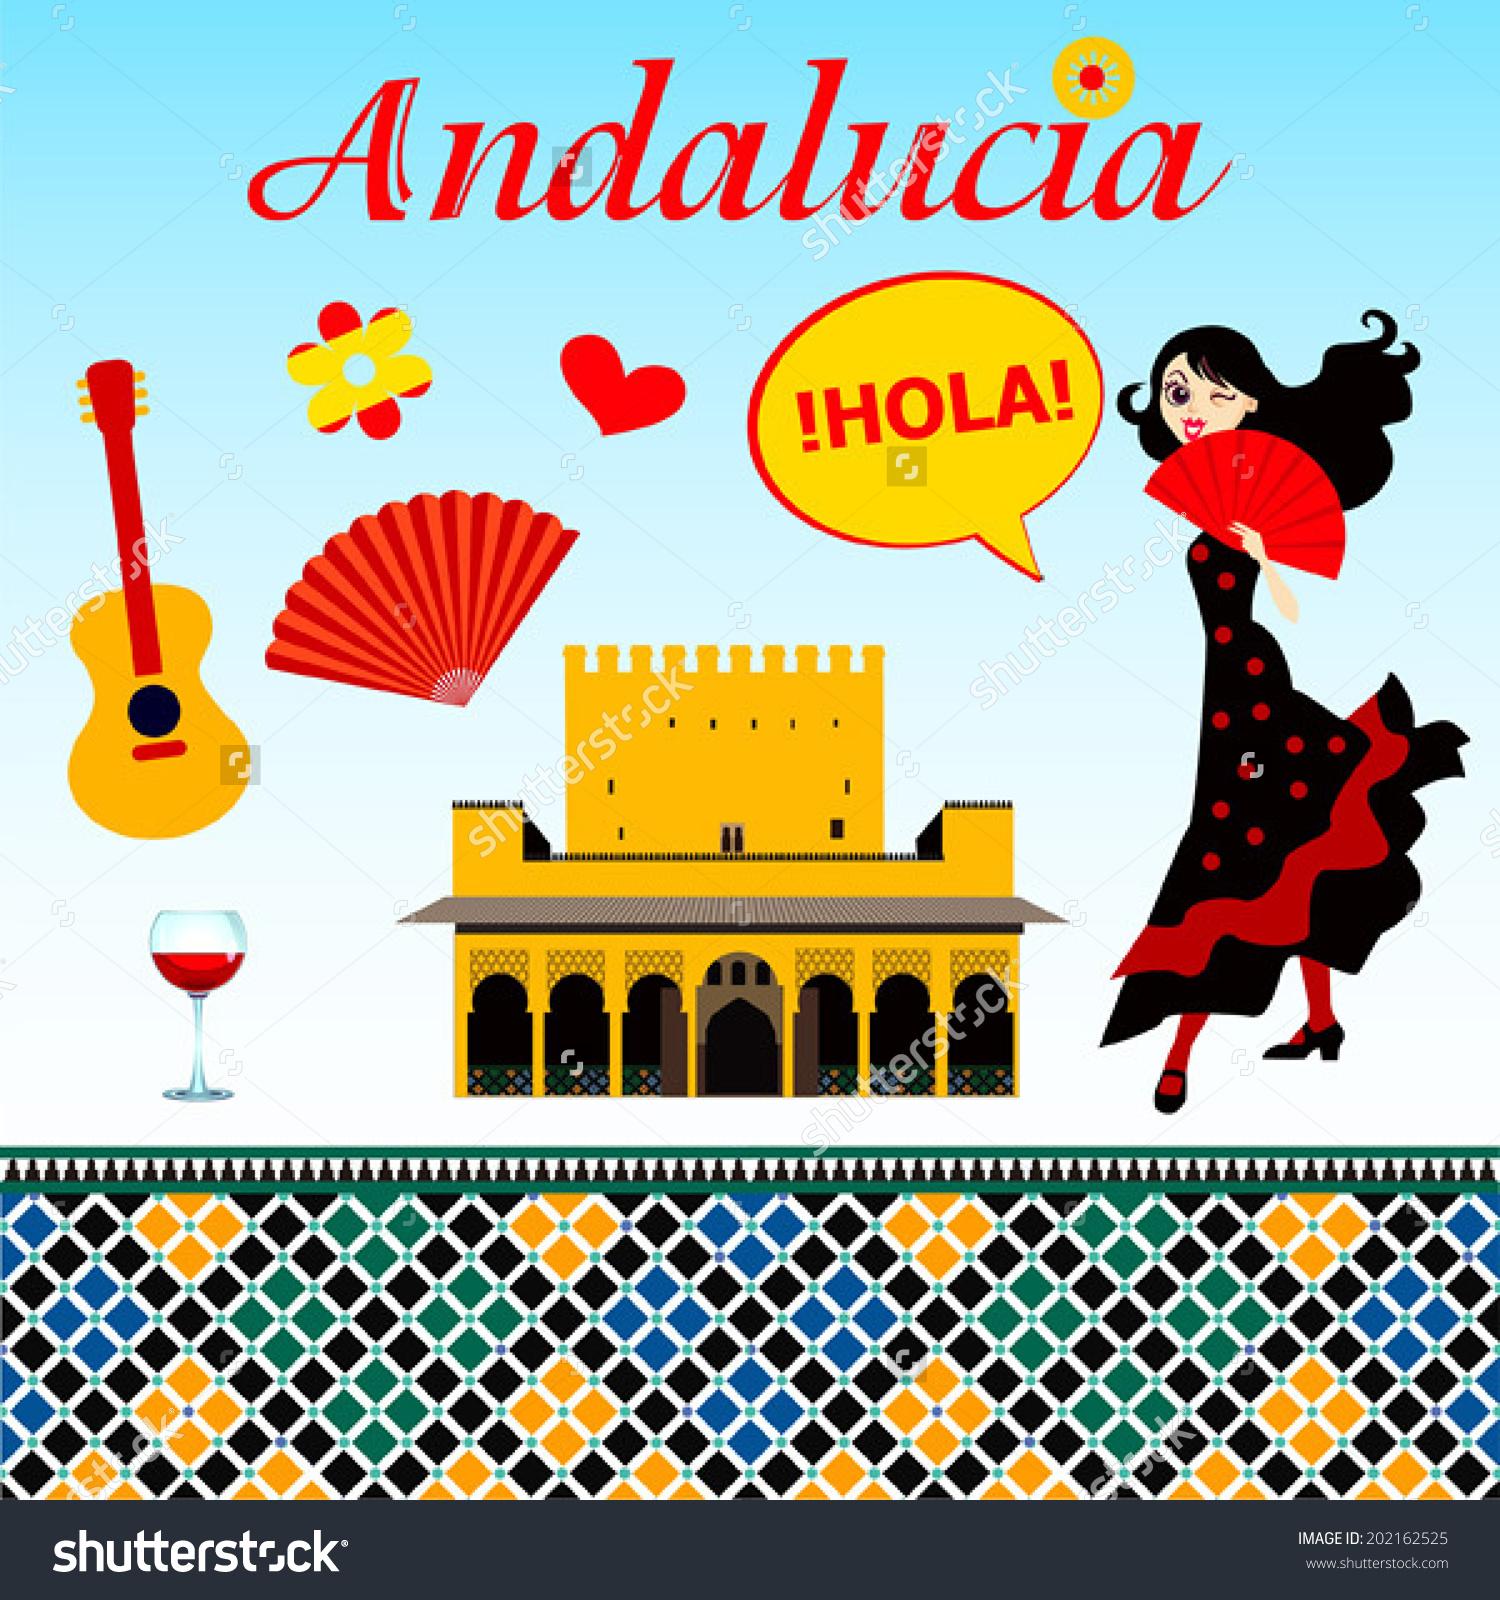 Andalucia Vector Set Stock Vector 202162525.